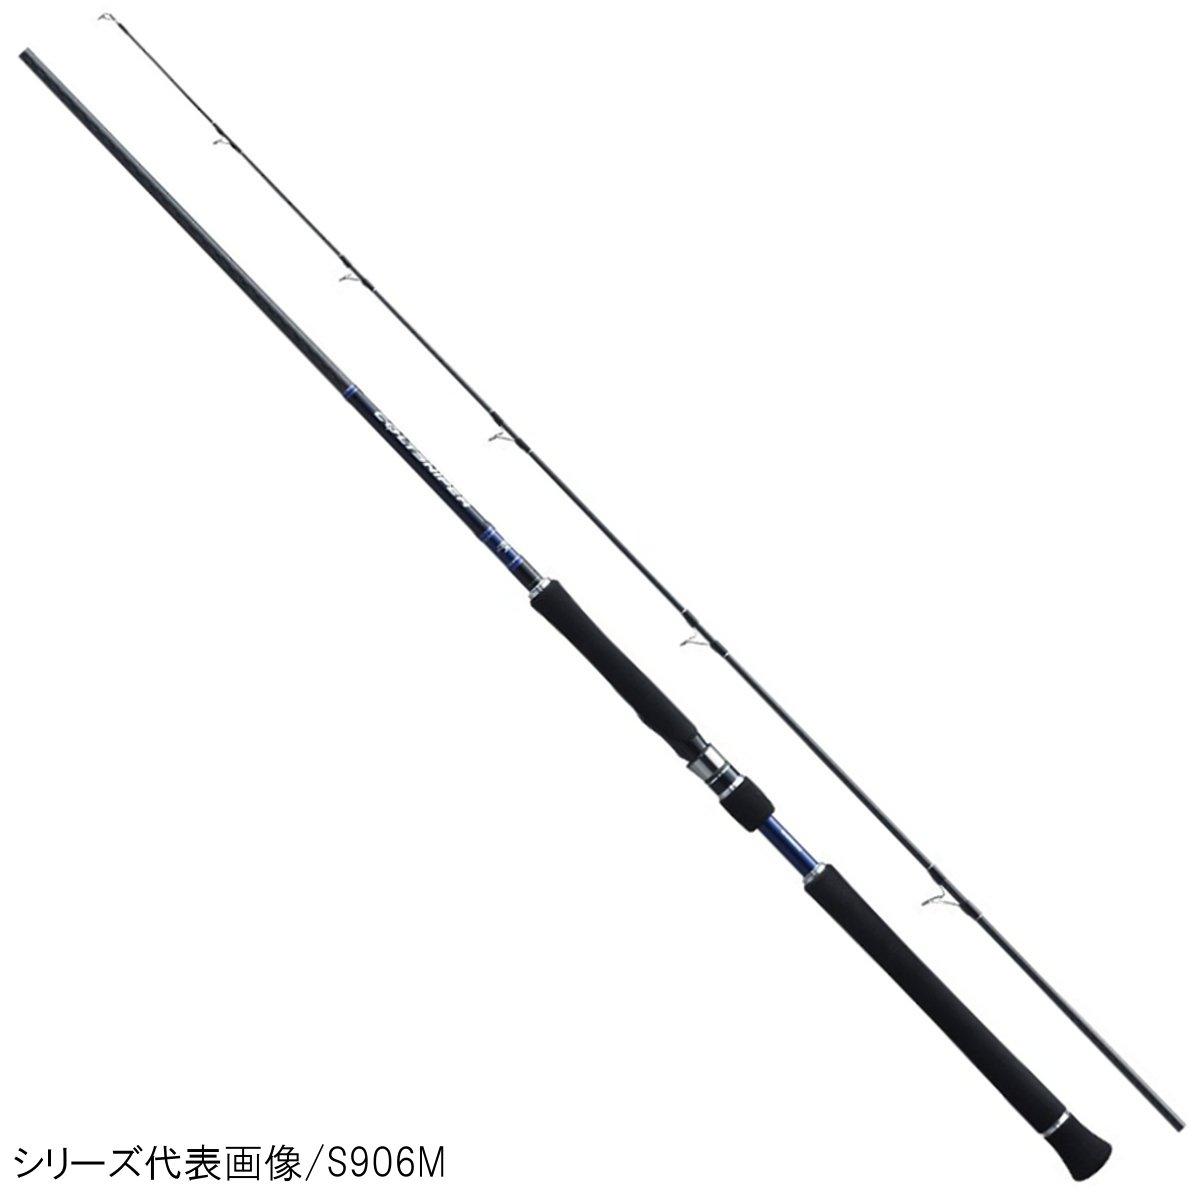 シマノ コルトスナイパー S1006M【大型商品】【送料無料】